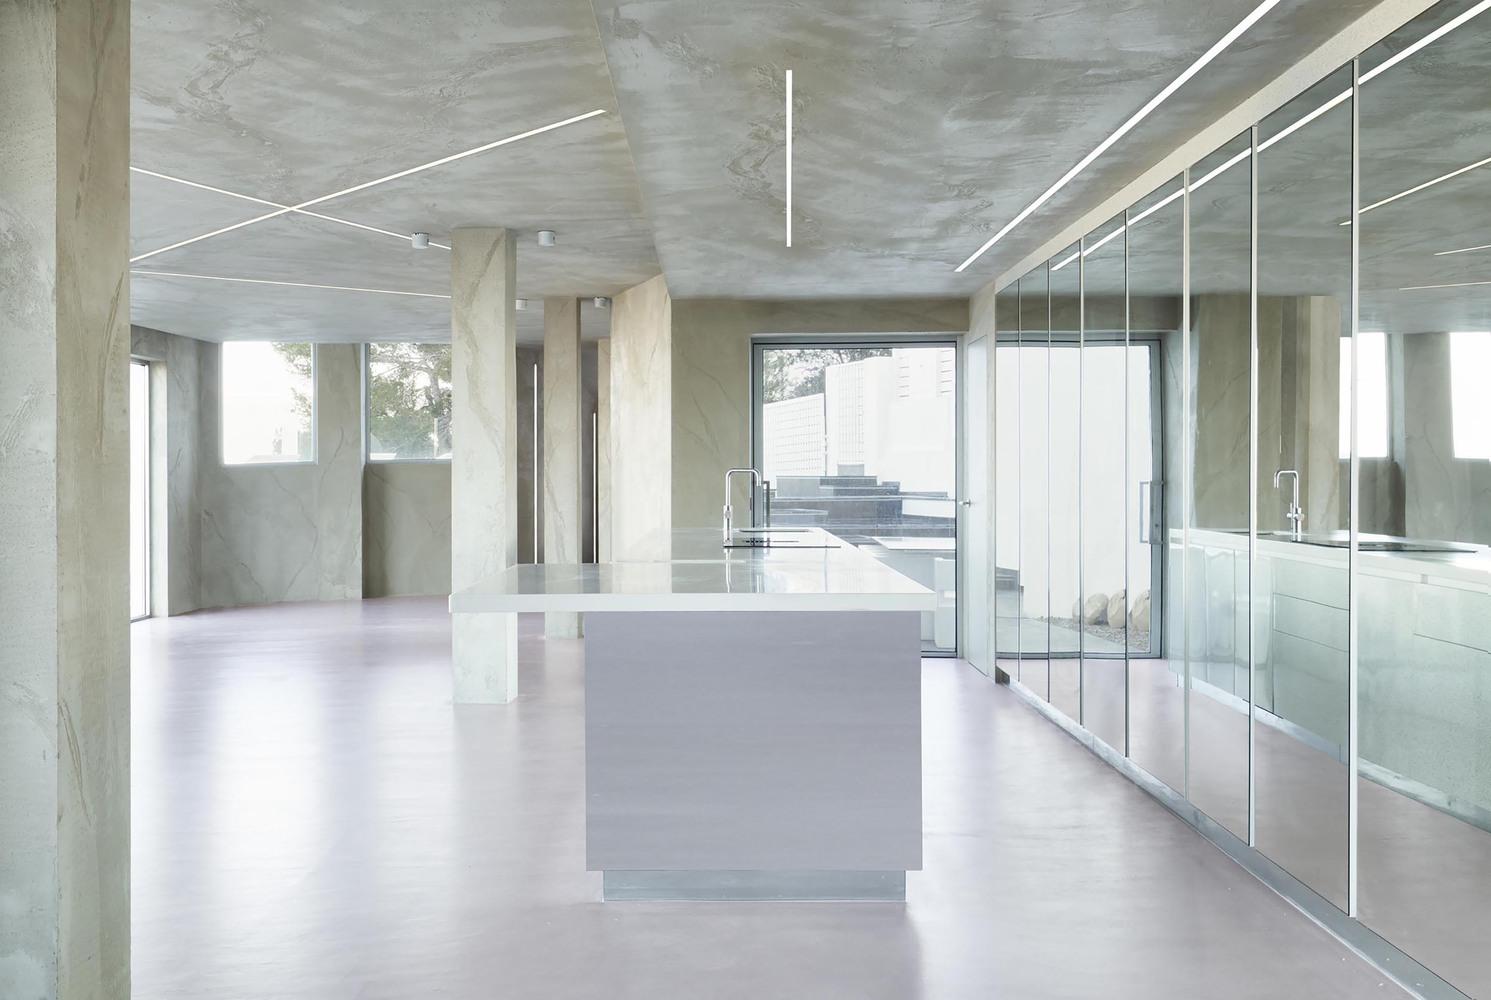 Rudayla House Minimal Studio 04